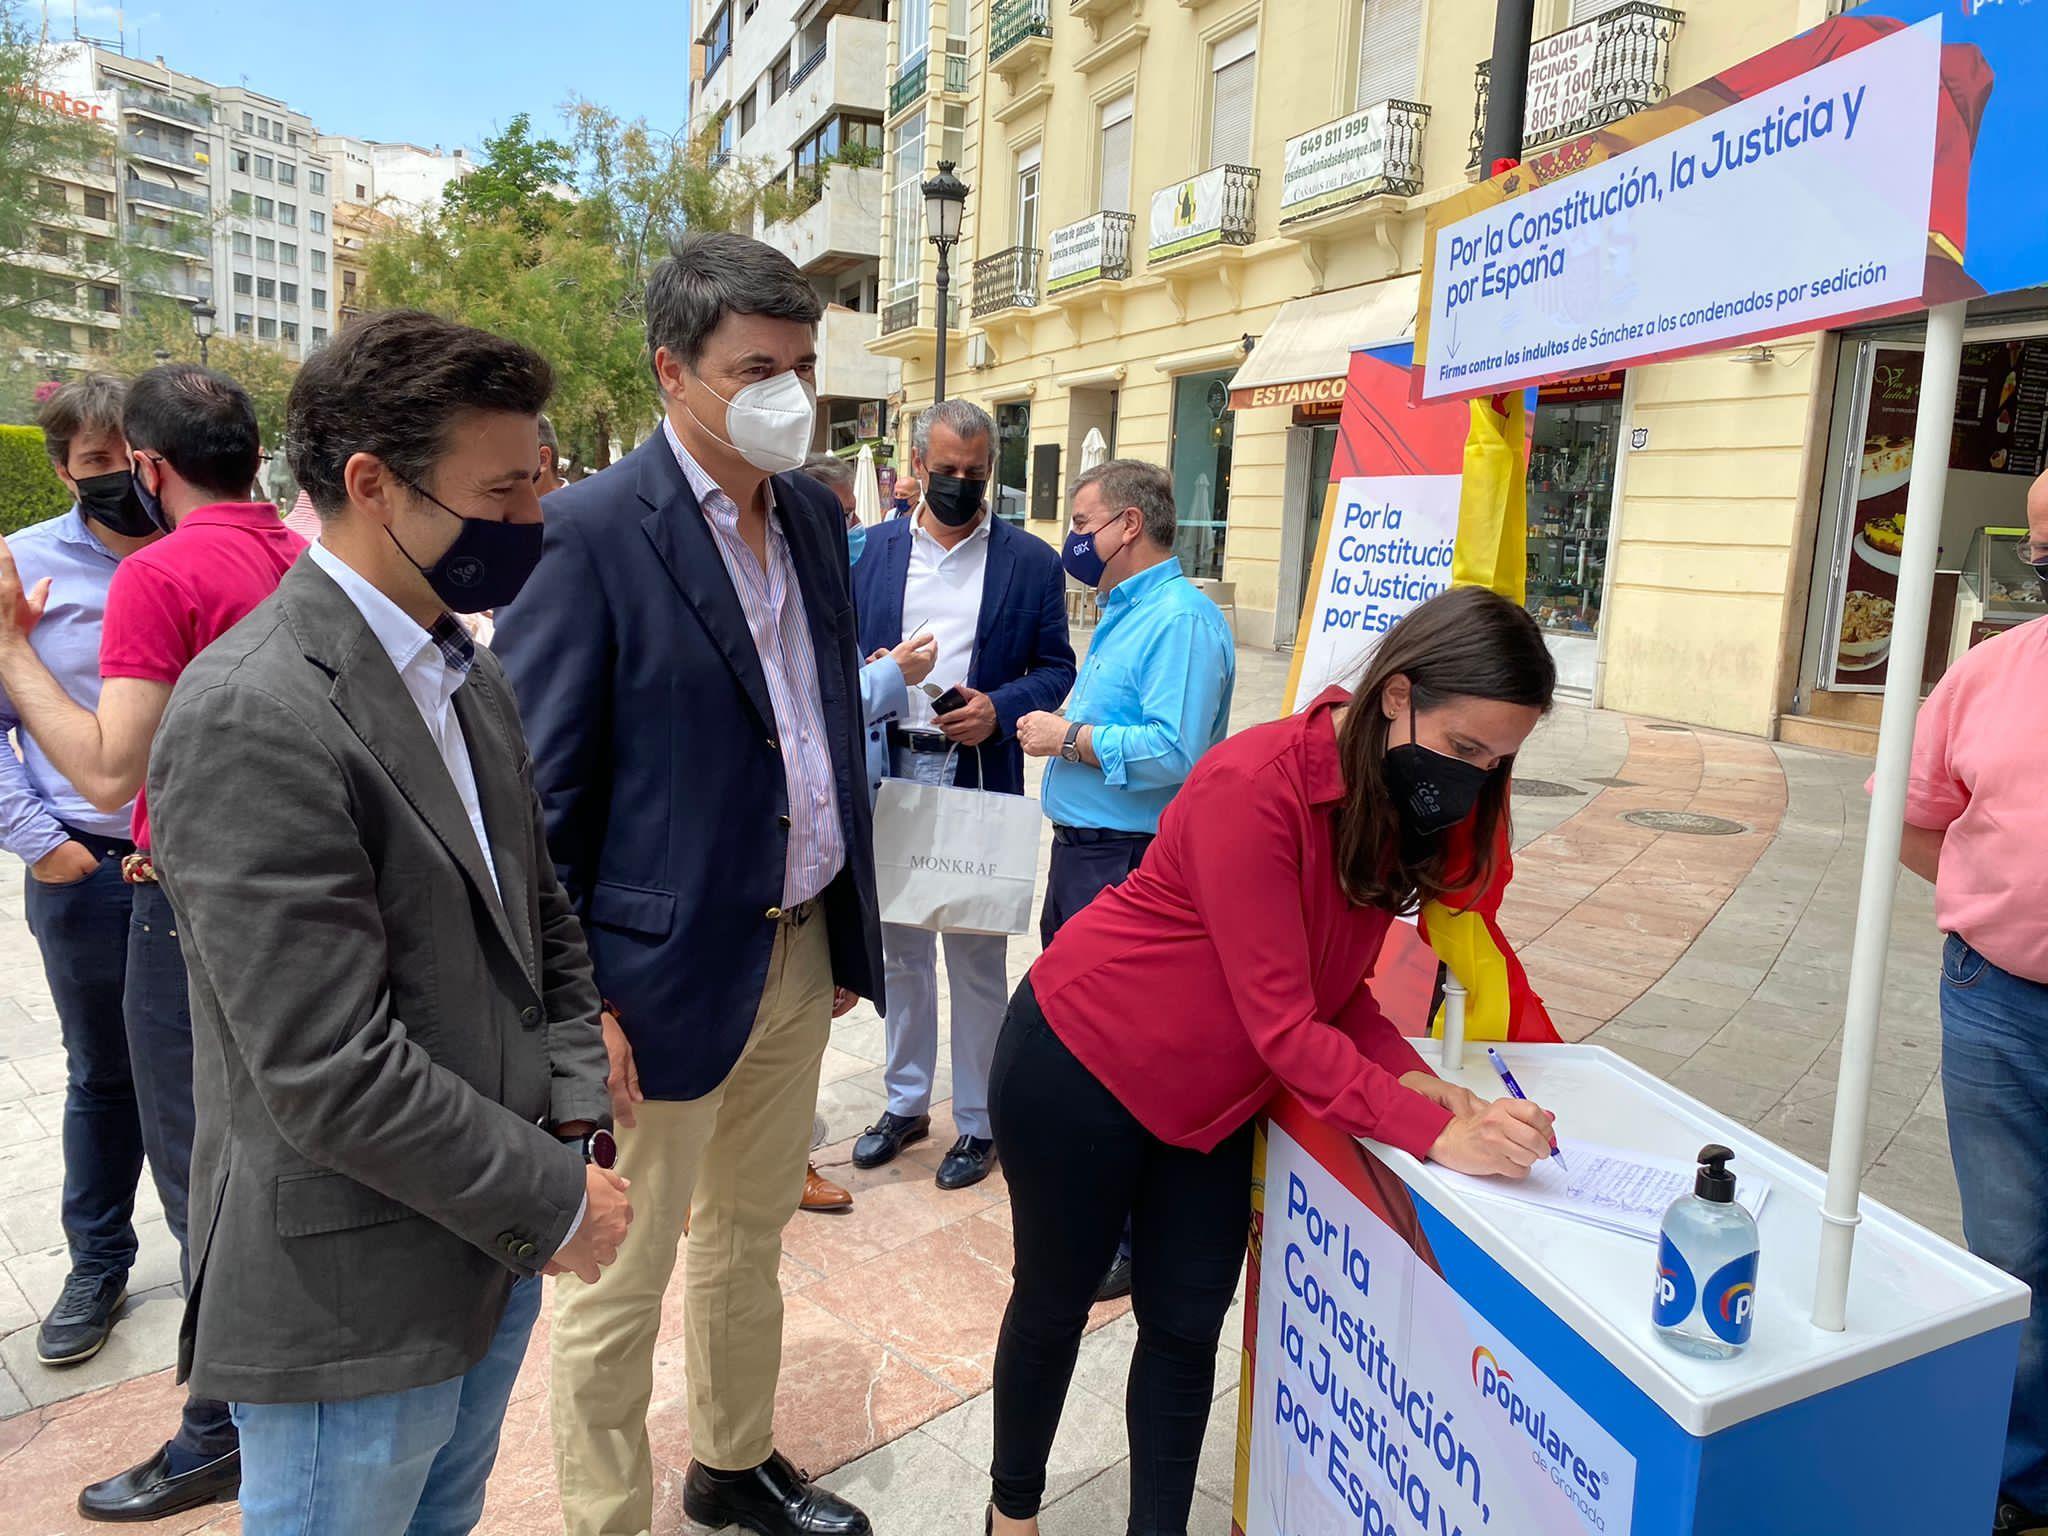 El PP de Granada inicia una campaña de recogida de firmas contra los indultos del gobierno